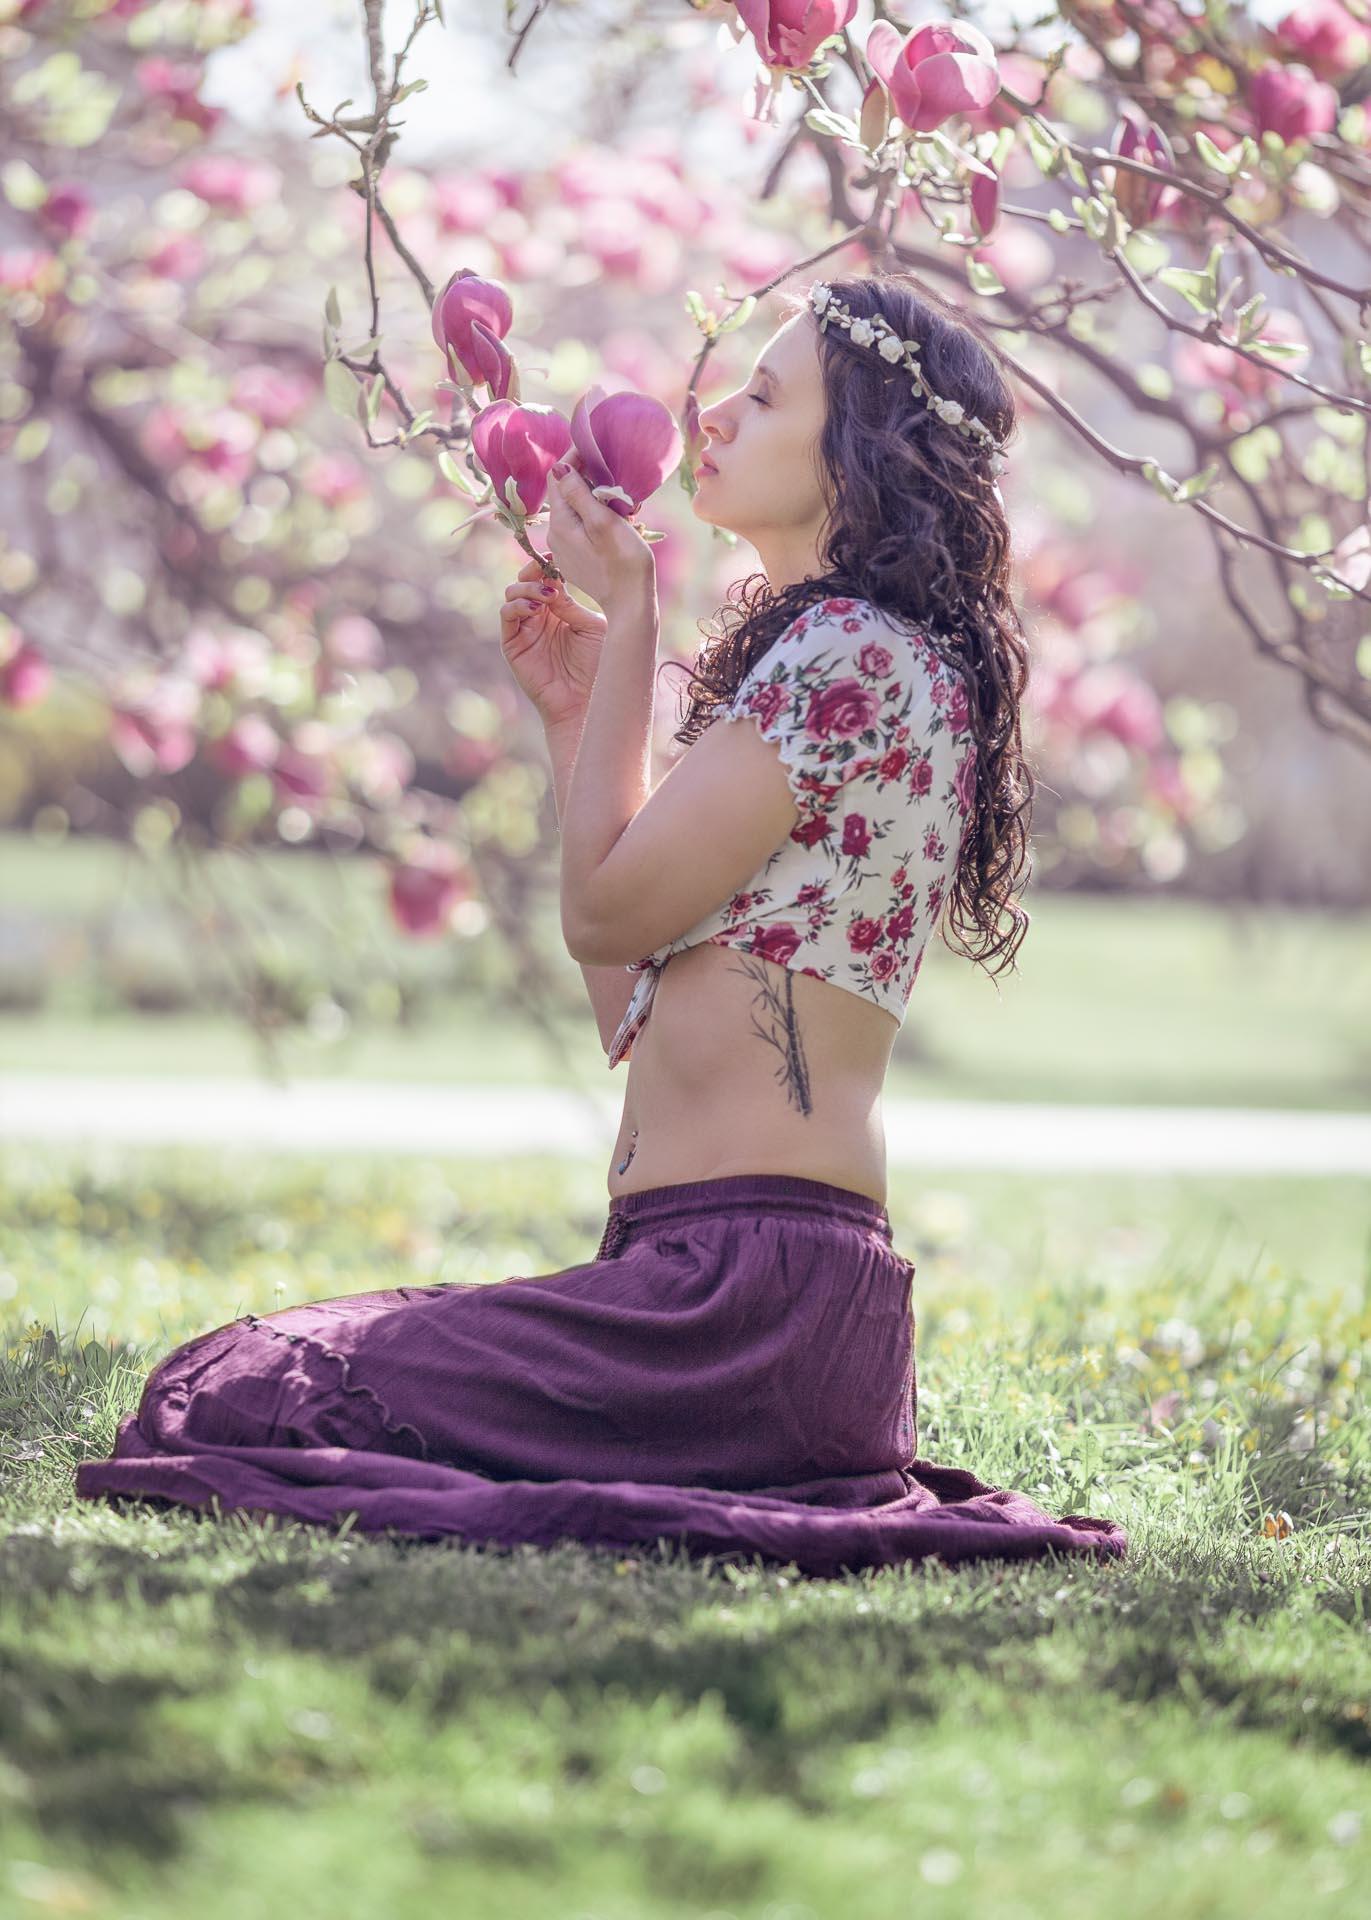 femme assise par terre dans un magnolia Roissy en Brie